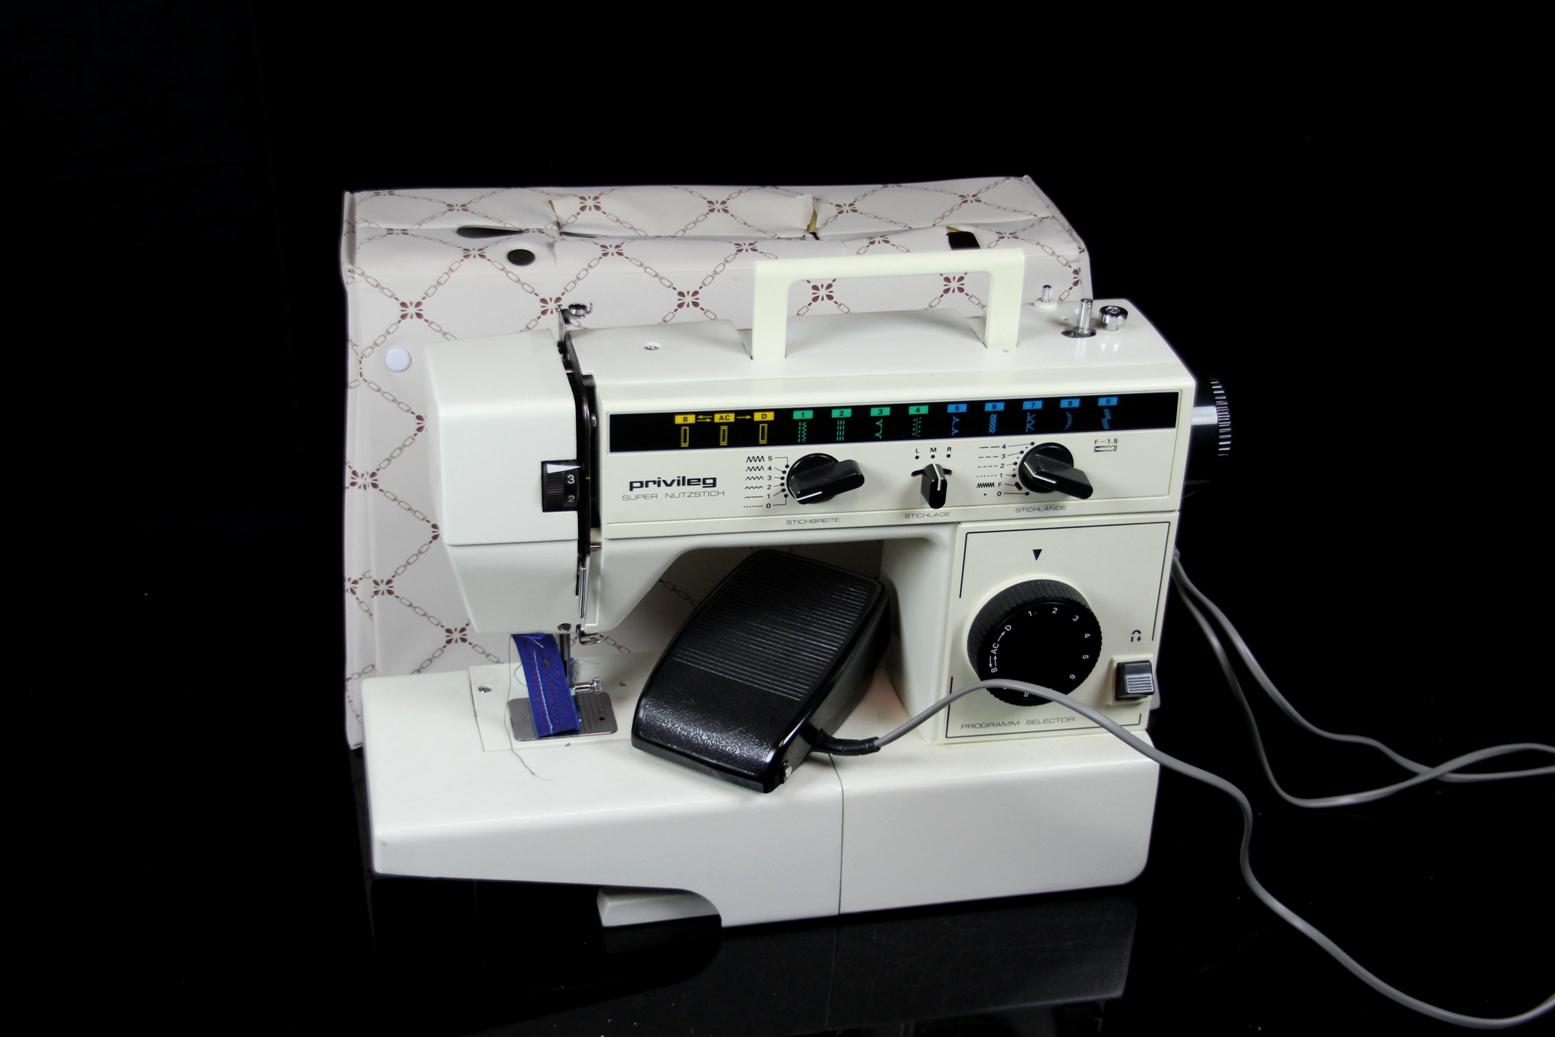 PRIVILEG Modell 663 Supernutzstich Haushalts Nähmaschine  -> Nähmaschine Privileg Super Nutzstich Bedienungsanleitung